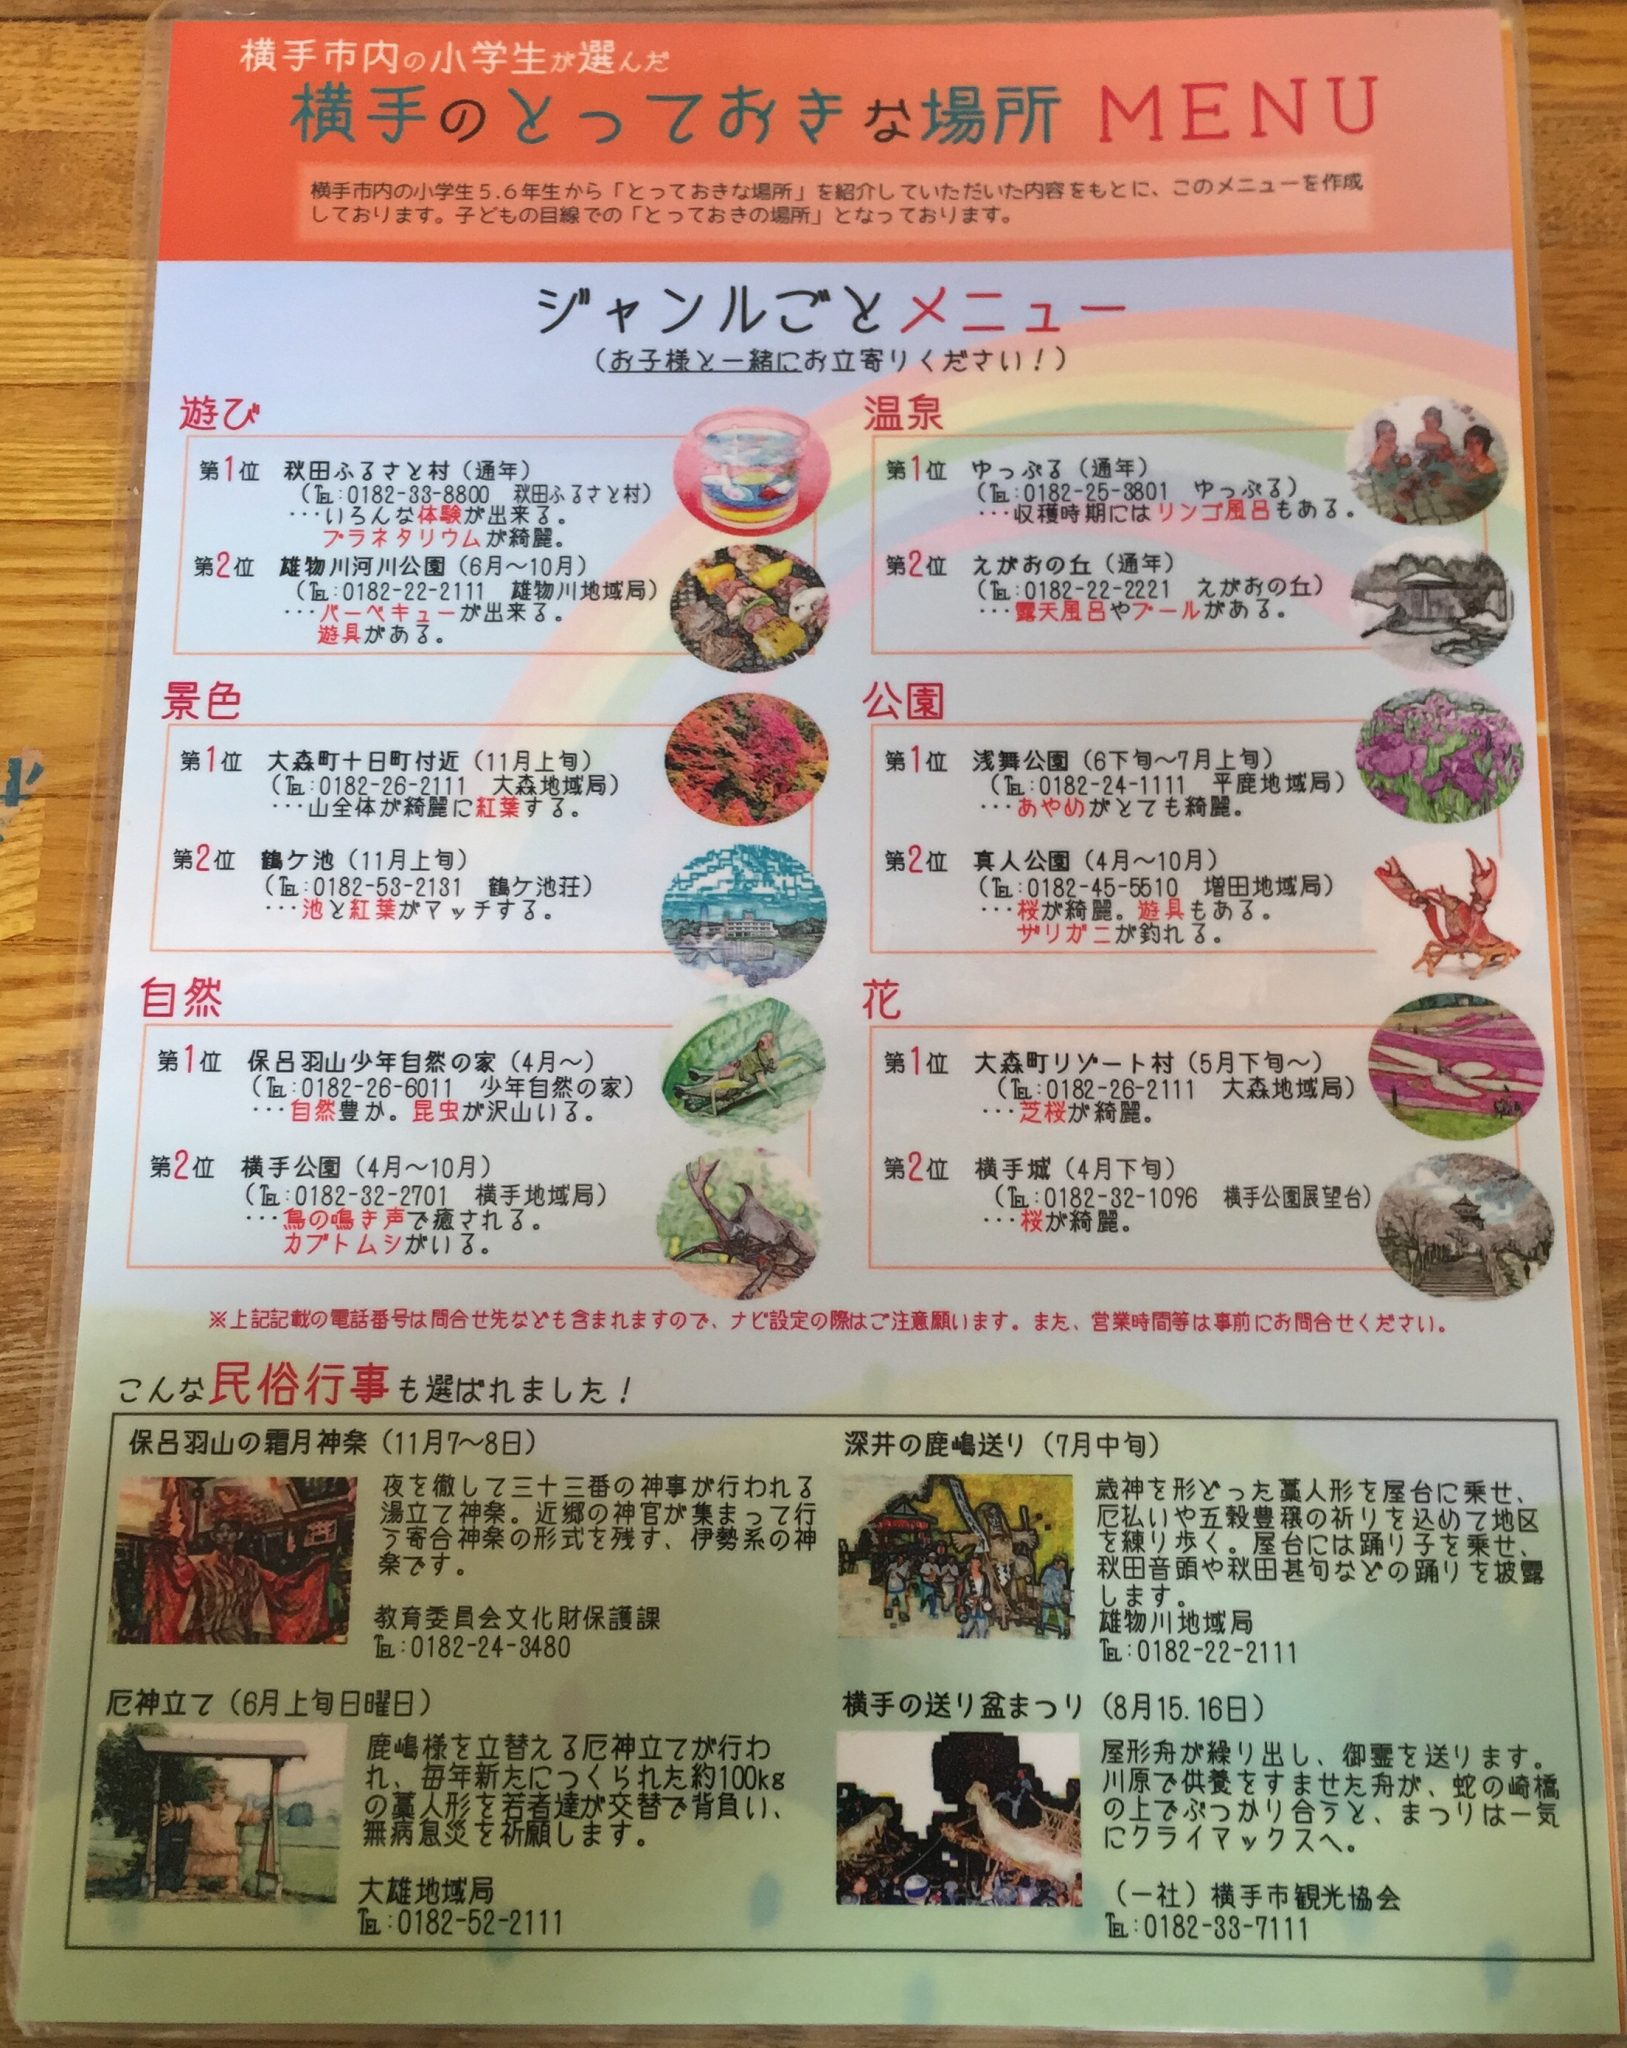 麺ならおまかせ 福龍 メニュー 横手観光案内